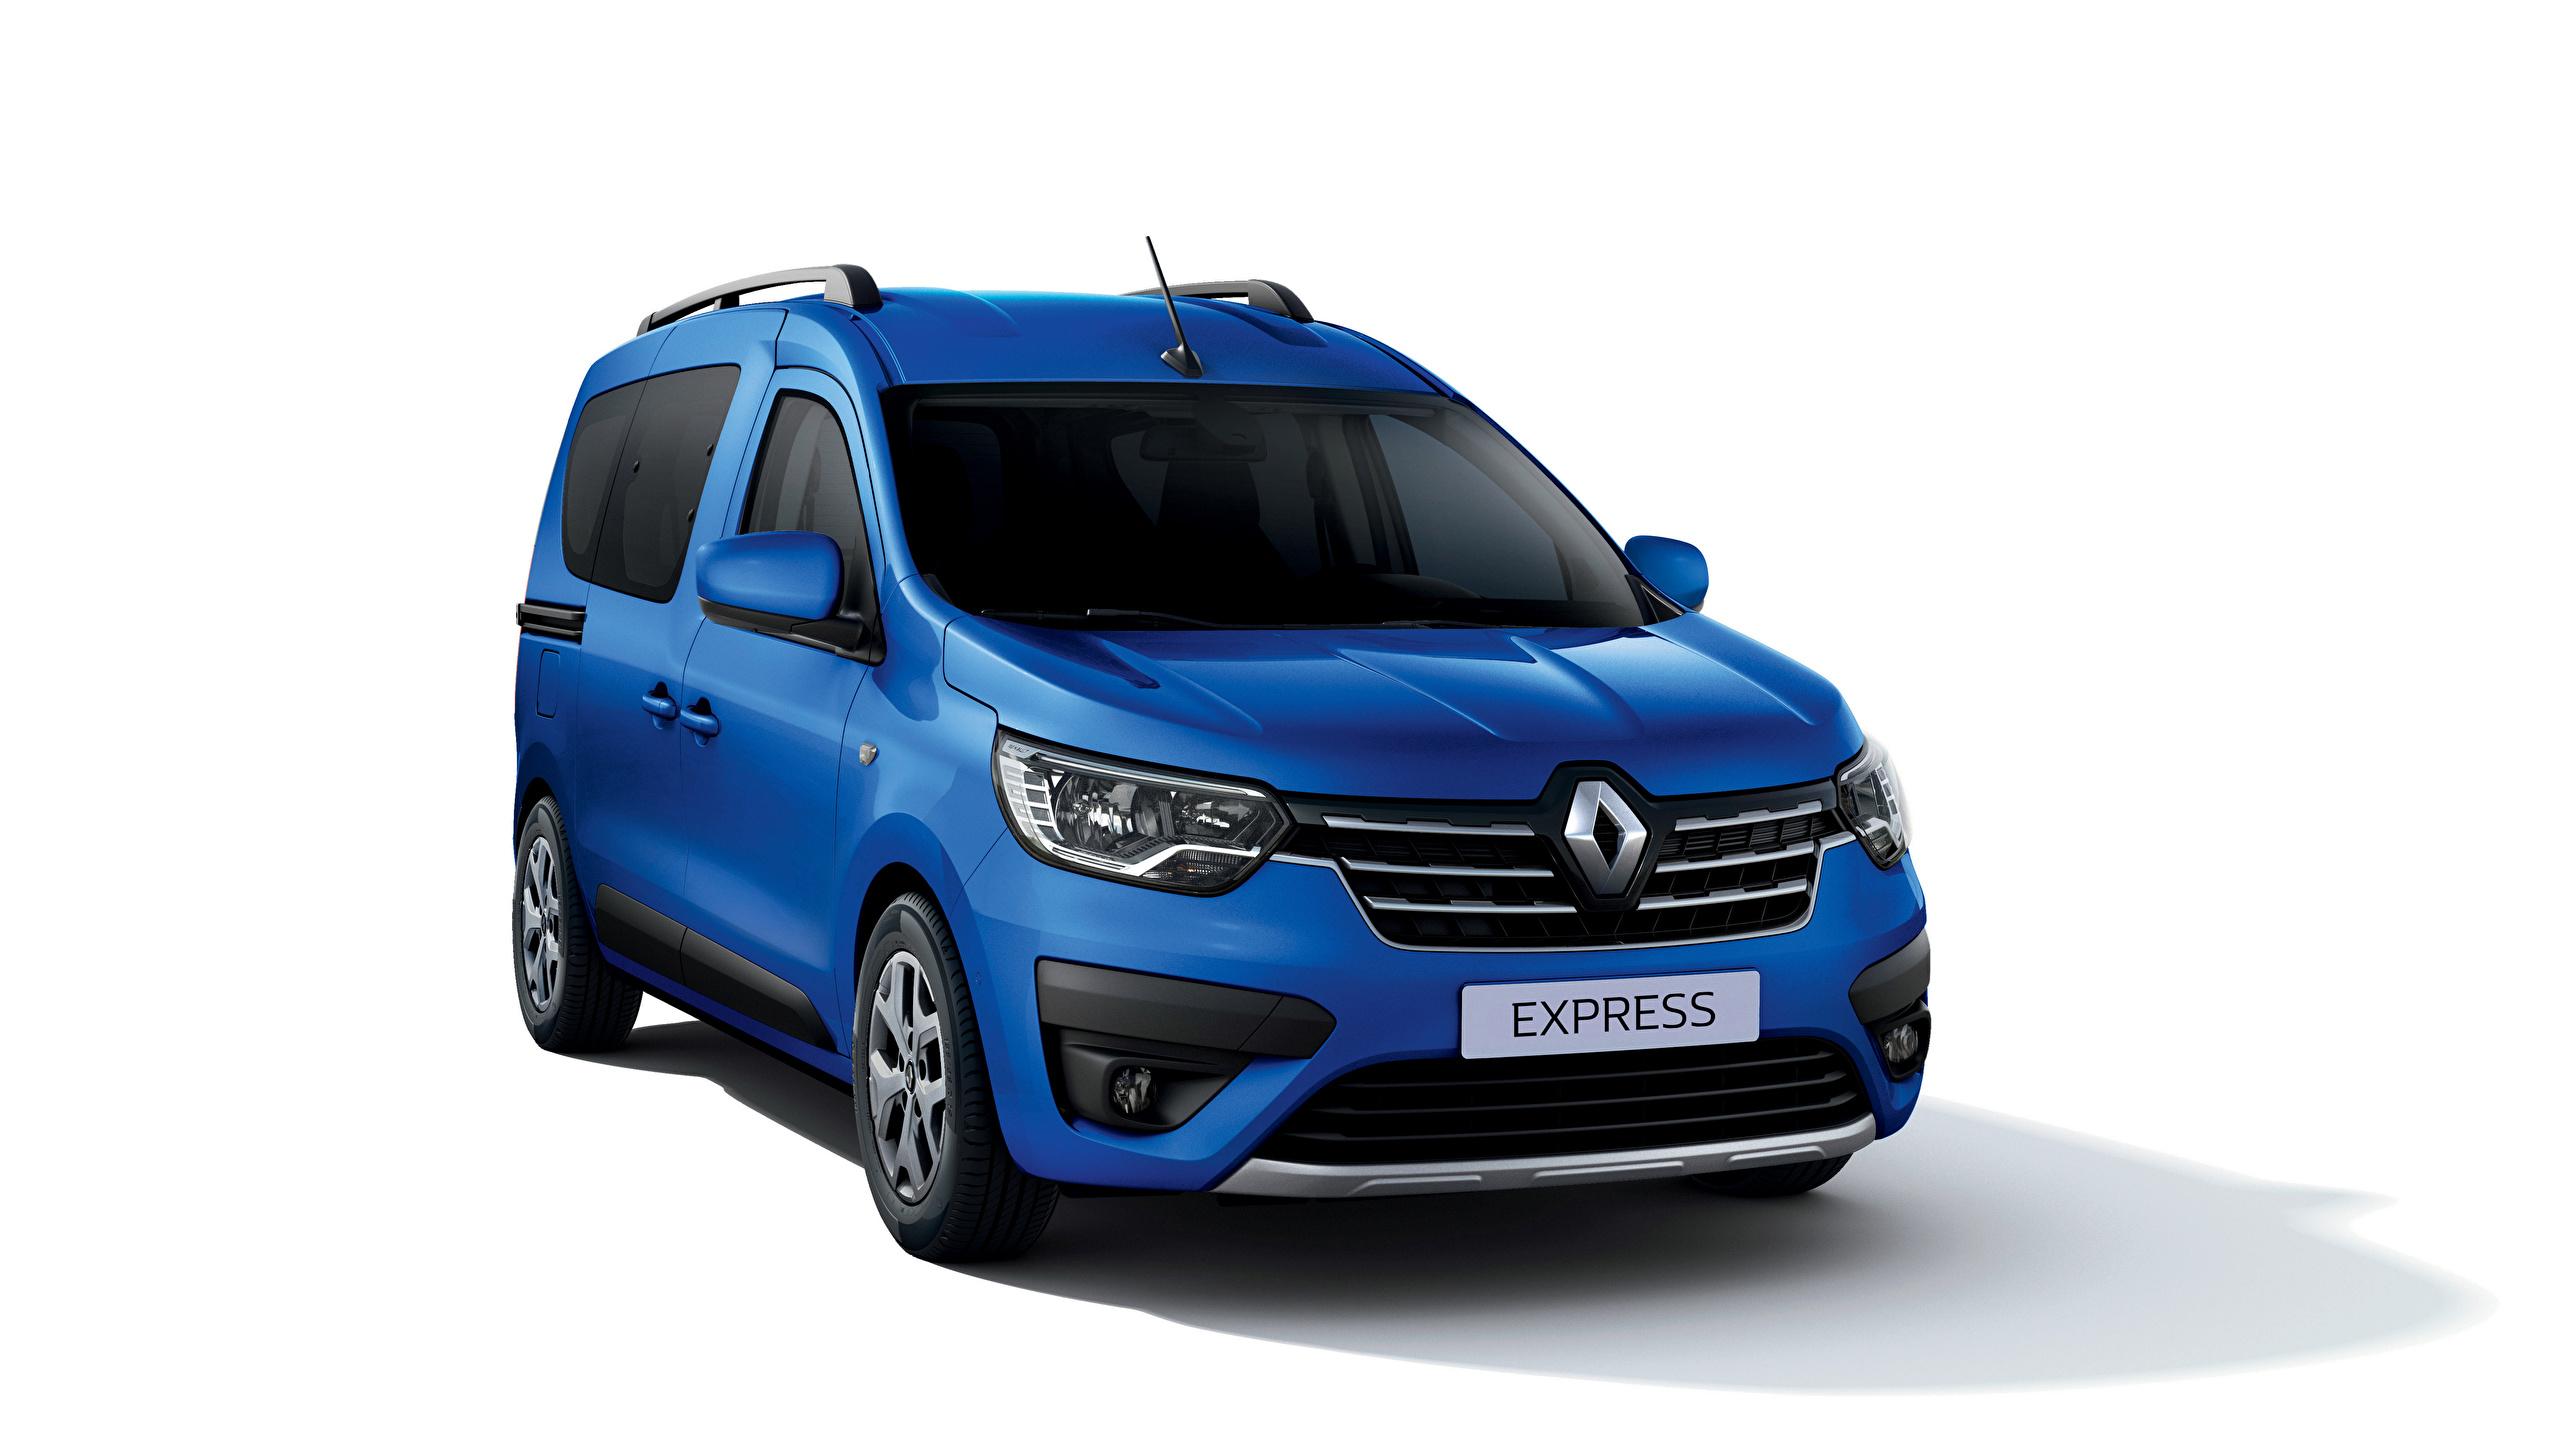 Фотографии Renault Express, 2021 Минивэн Синий машина Металлик белым фоном 2560x1440 Рено синяя синие синих авто машины Автомобили автомобиль Белый фон белом фоне